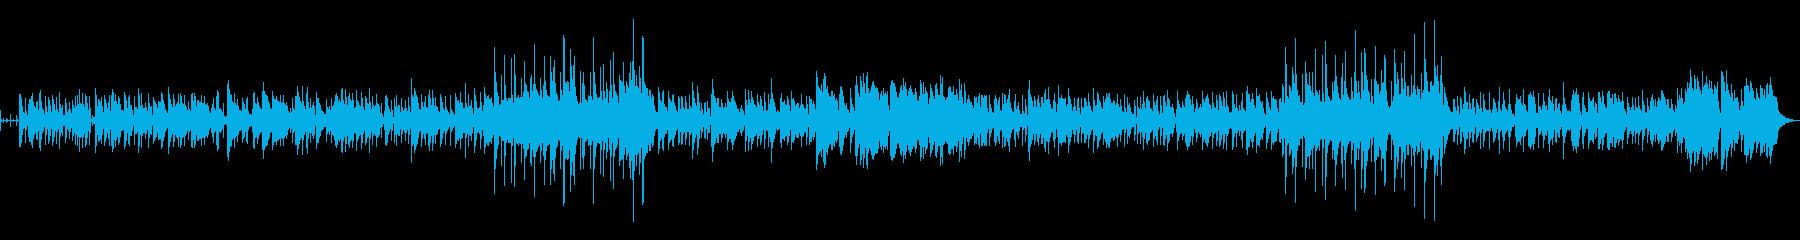 3拍子のjazzふうアレンジの再生済みの波形